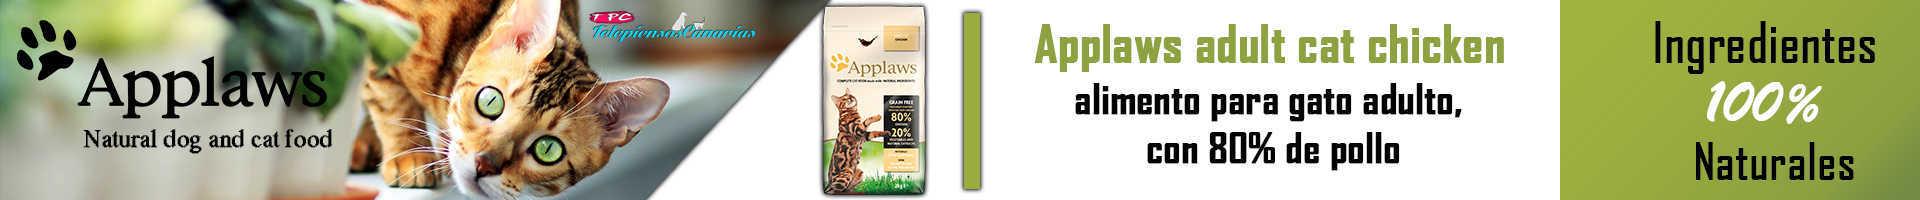 Applaws alimento para gato adulto, con 80% de pollo